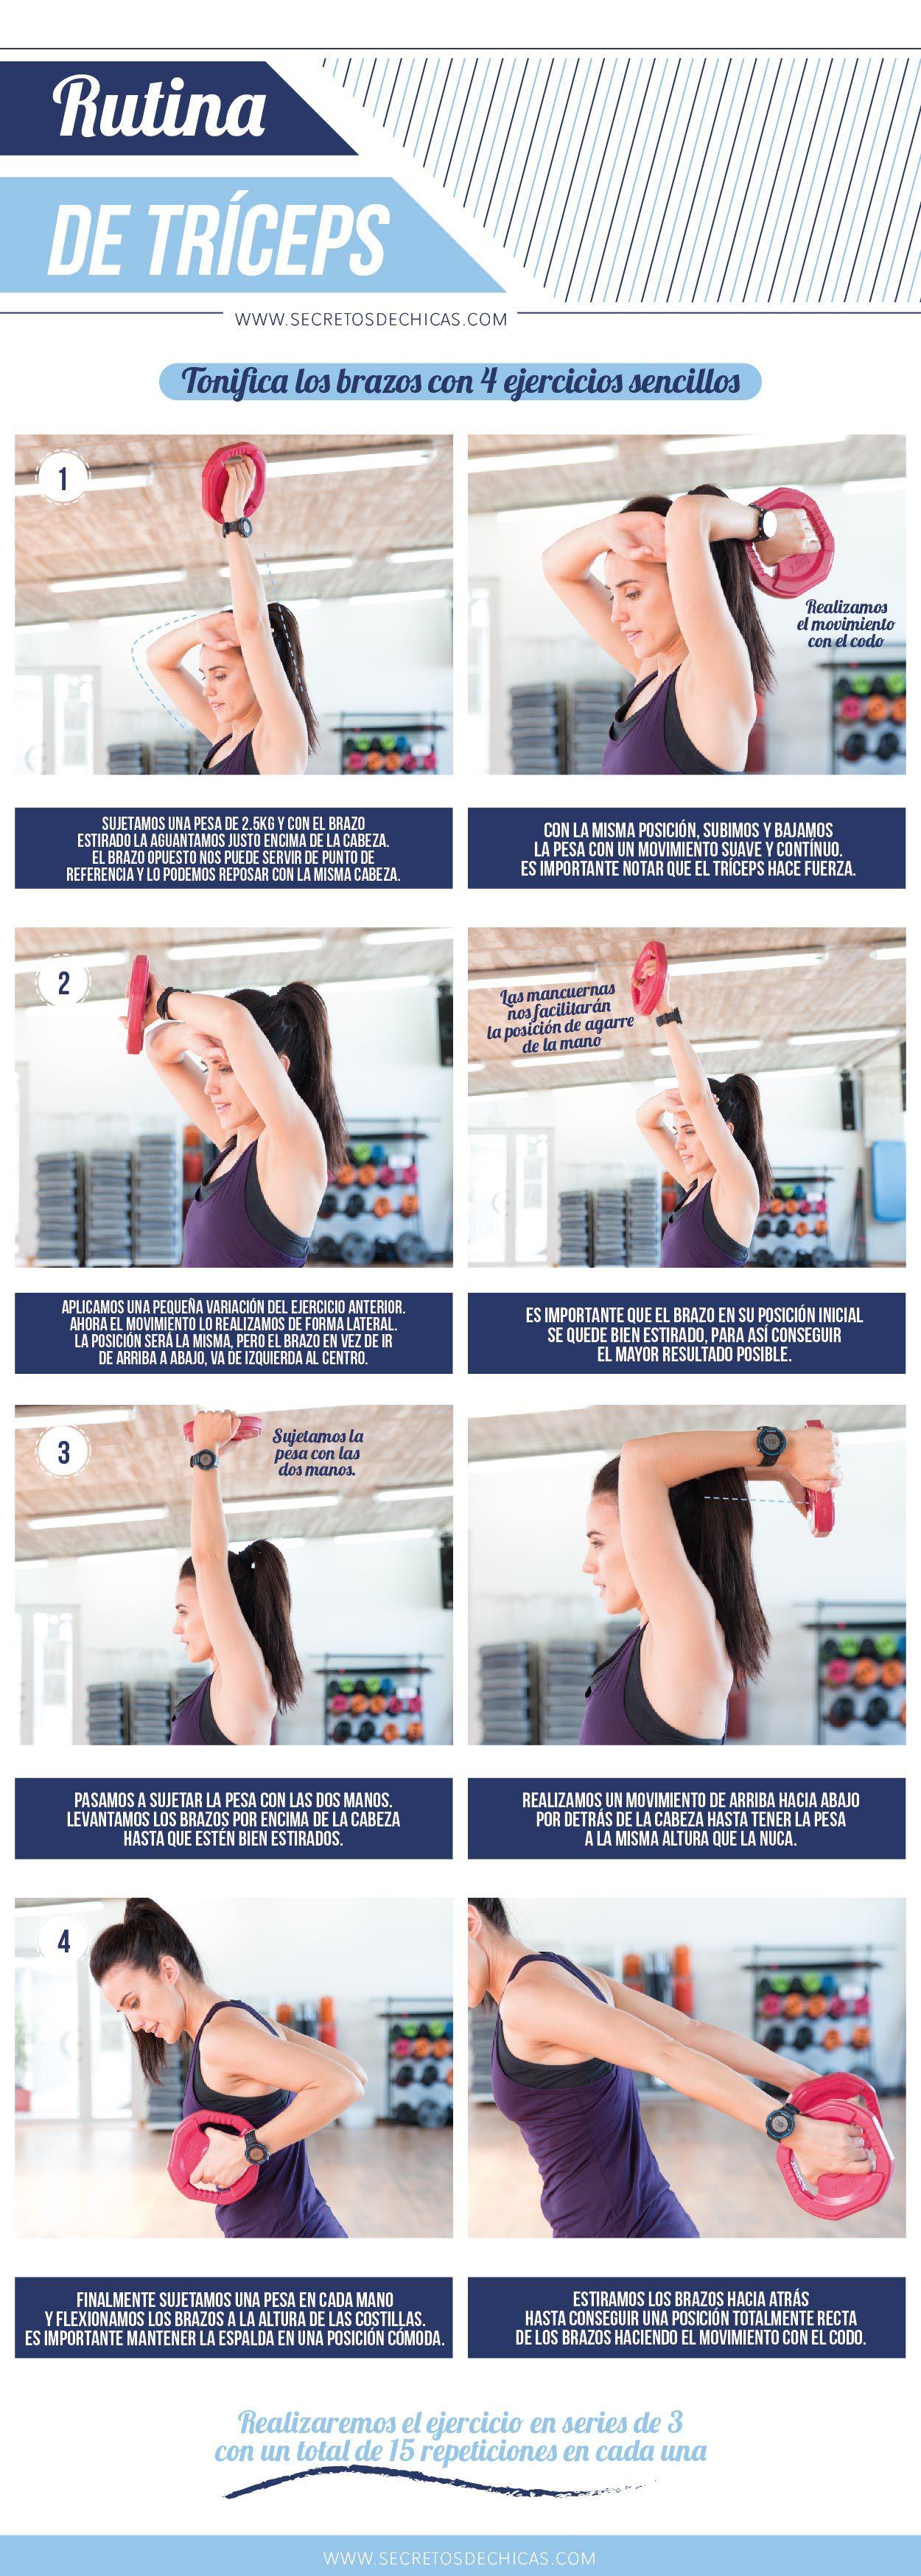 rutina de ejercicio deporte